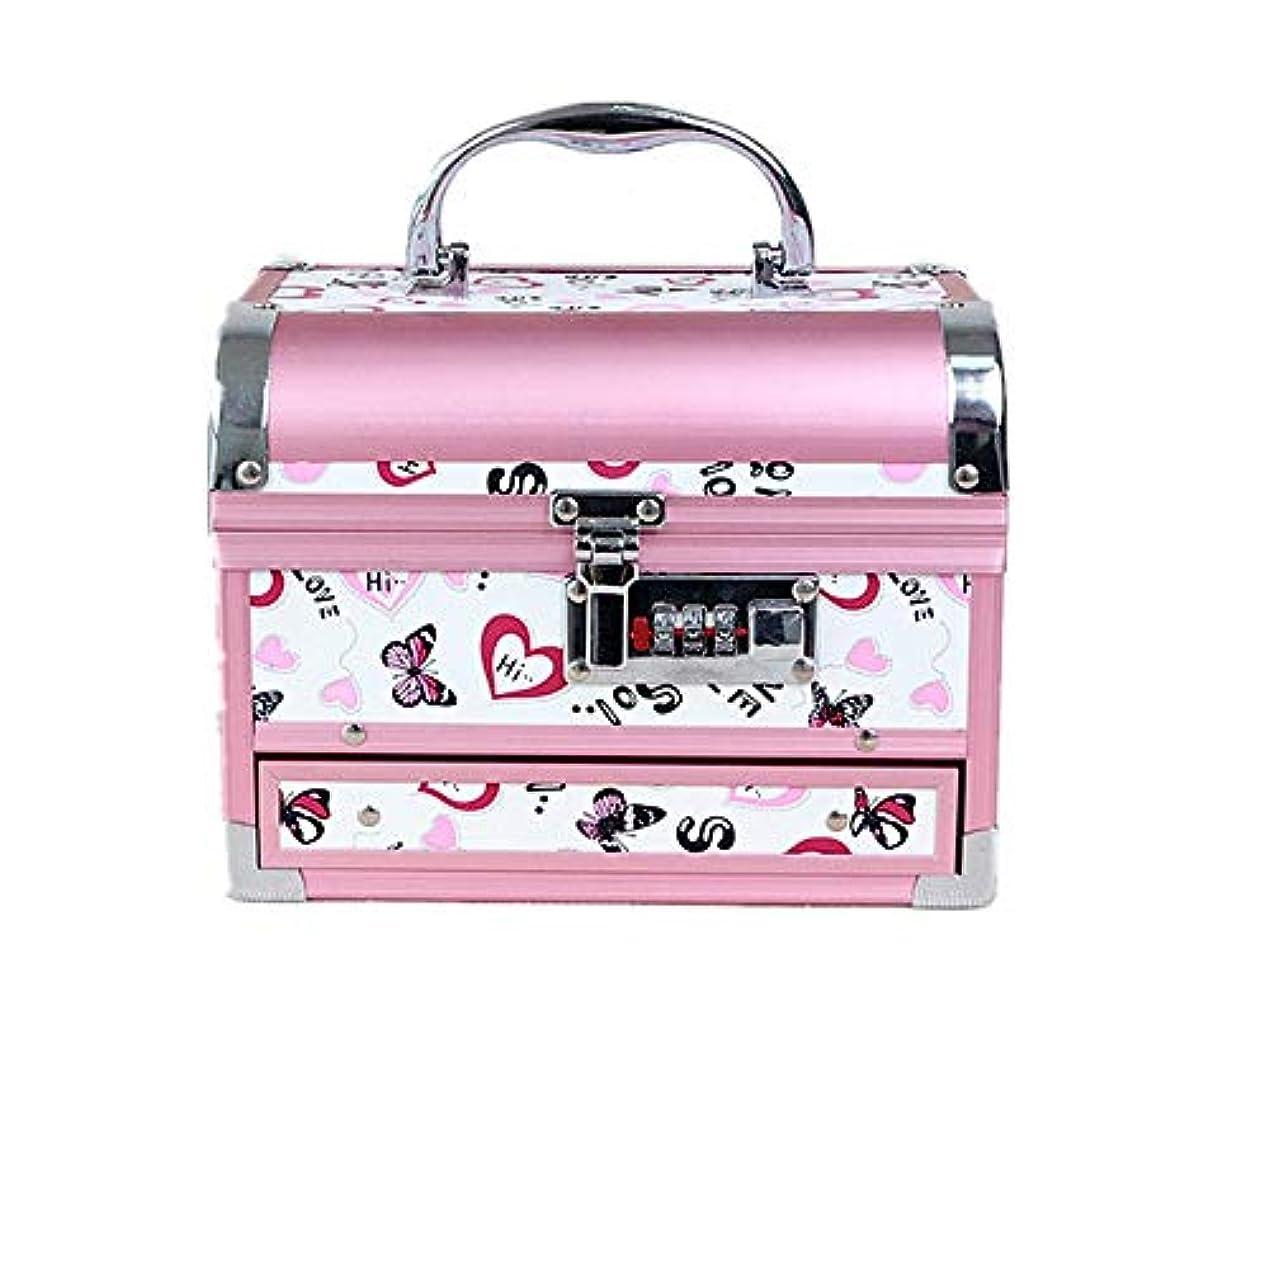 権威可塑性以降化粧オーガナイザーバッグ かわいいパターンポータブル化粧品ケーストラベルアクセサリーシャンプーボディウォッシュパーソナルアイテムストレージロックと拡張トレイ 化粧品ケース